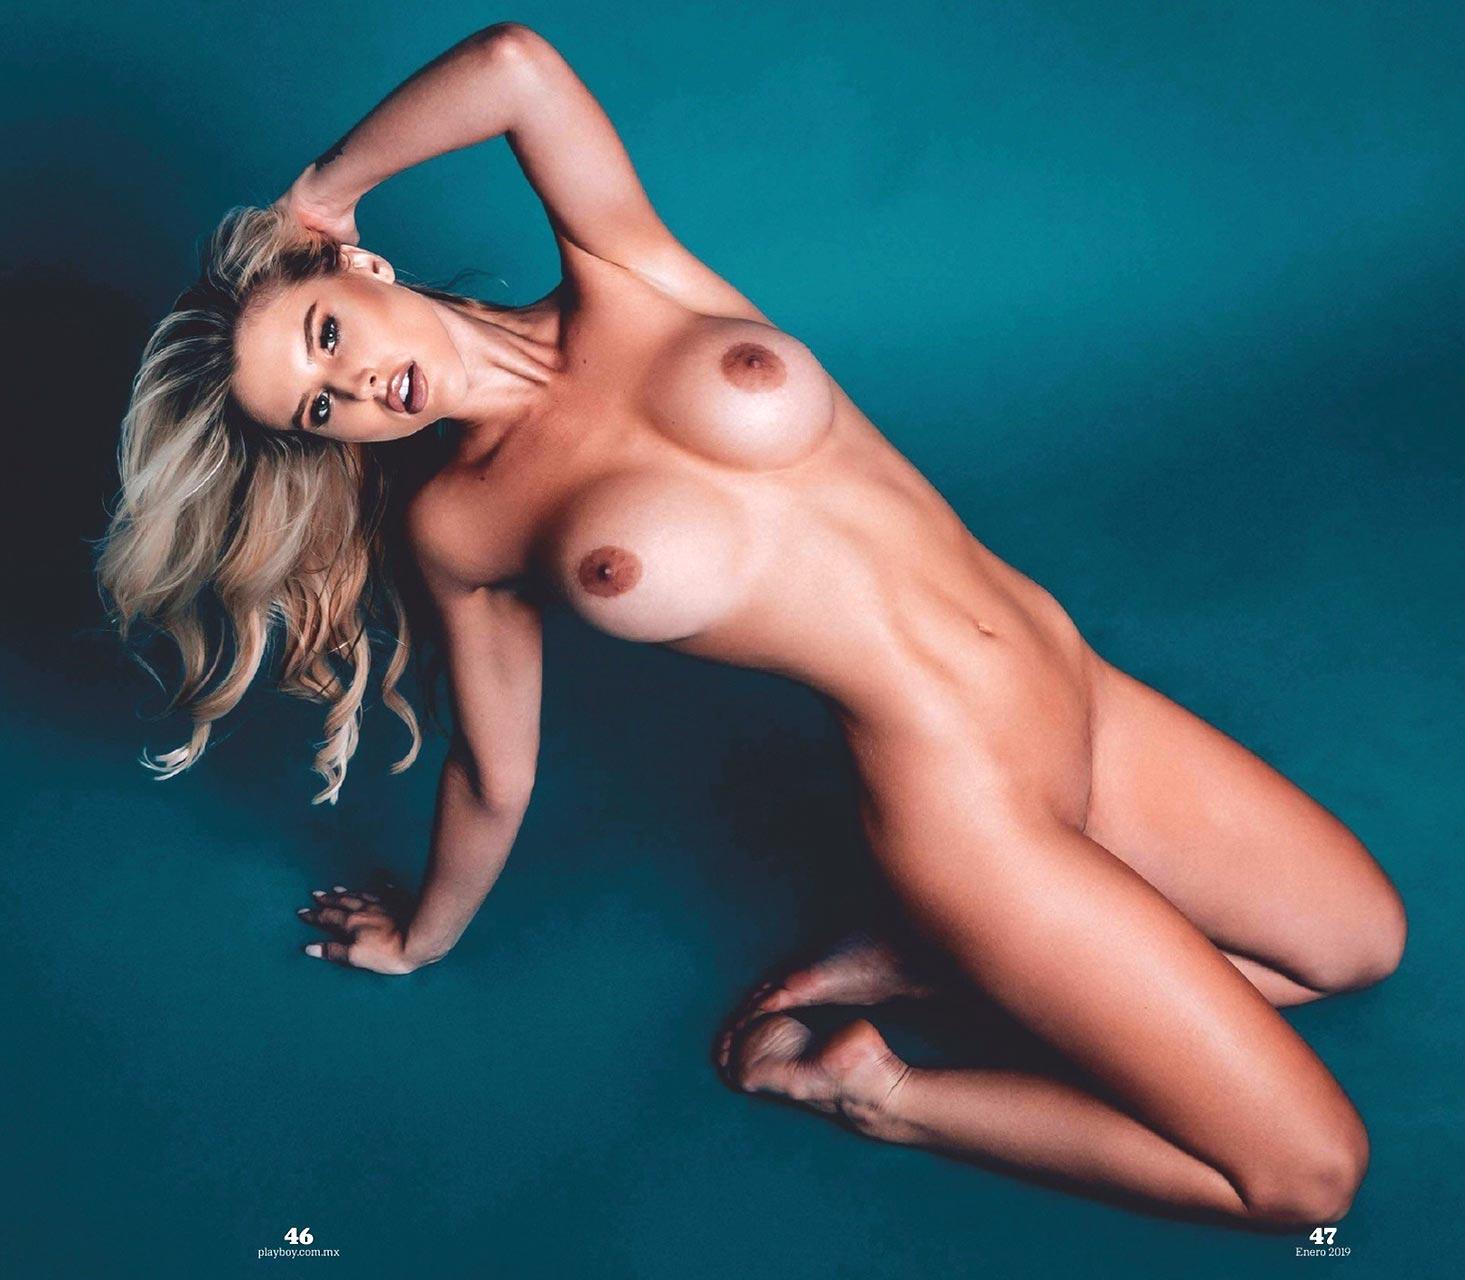 Nude pics of porn star lisa raye